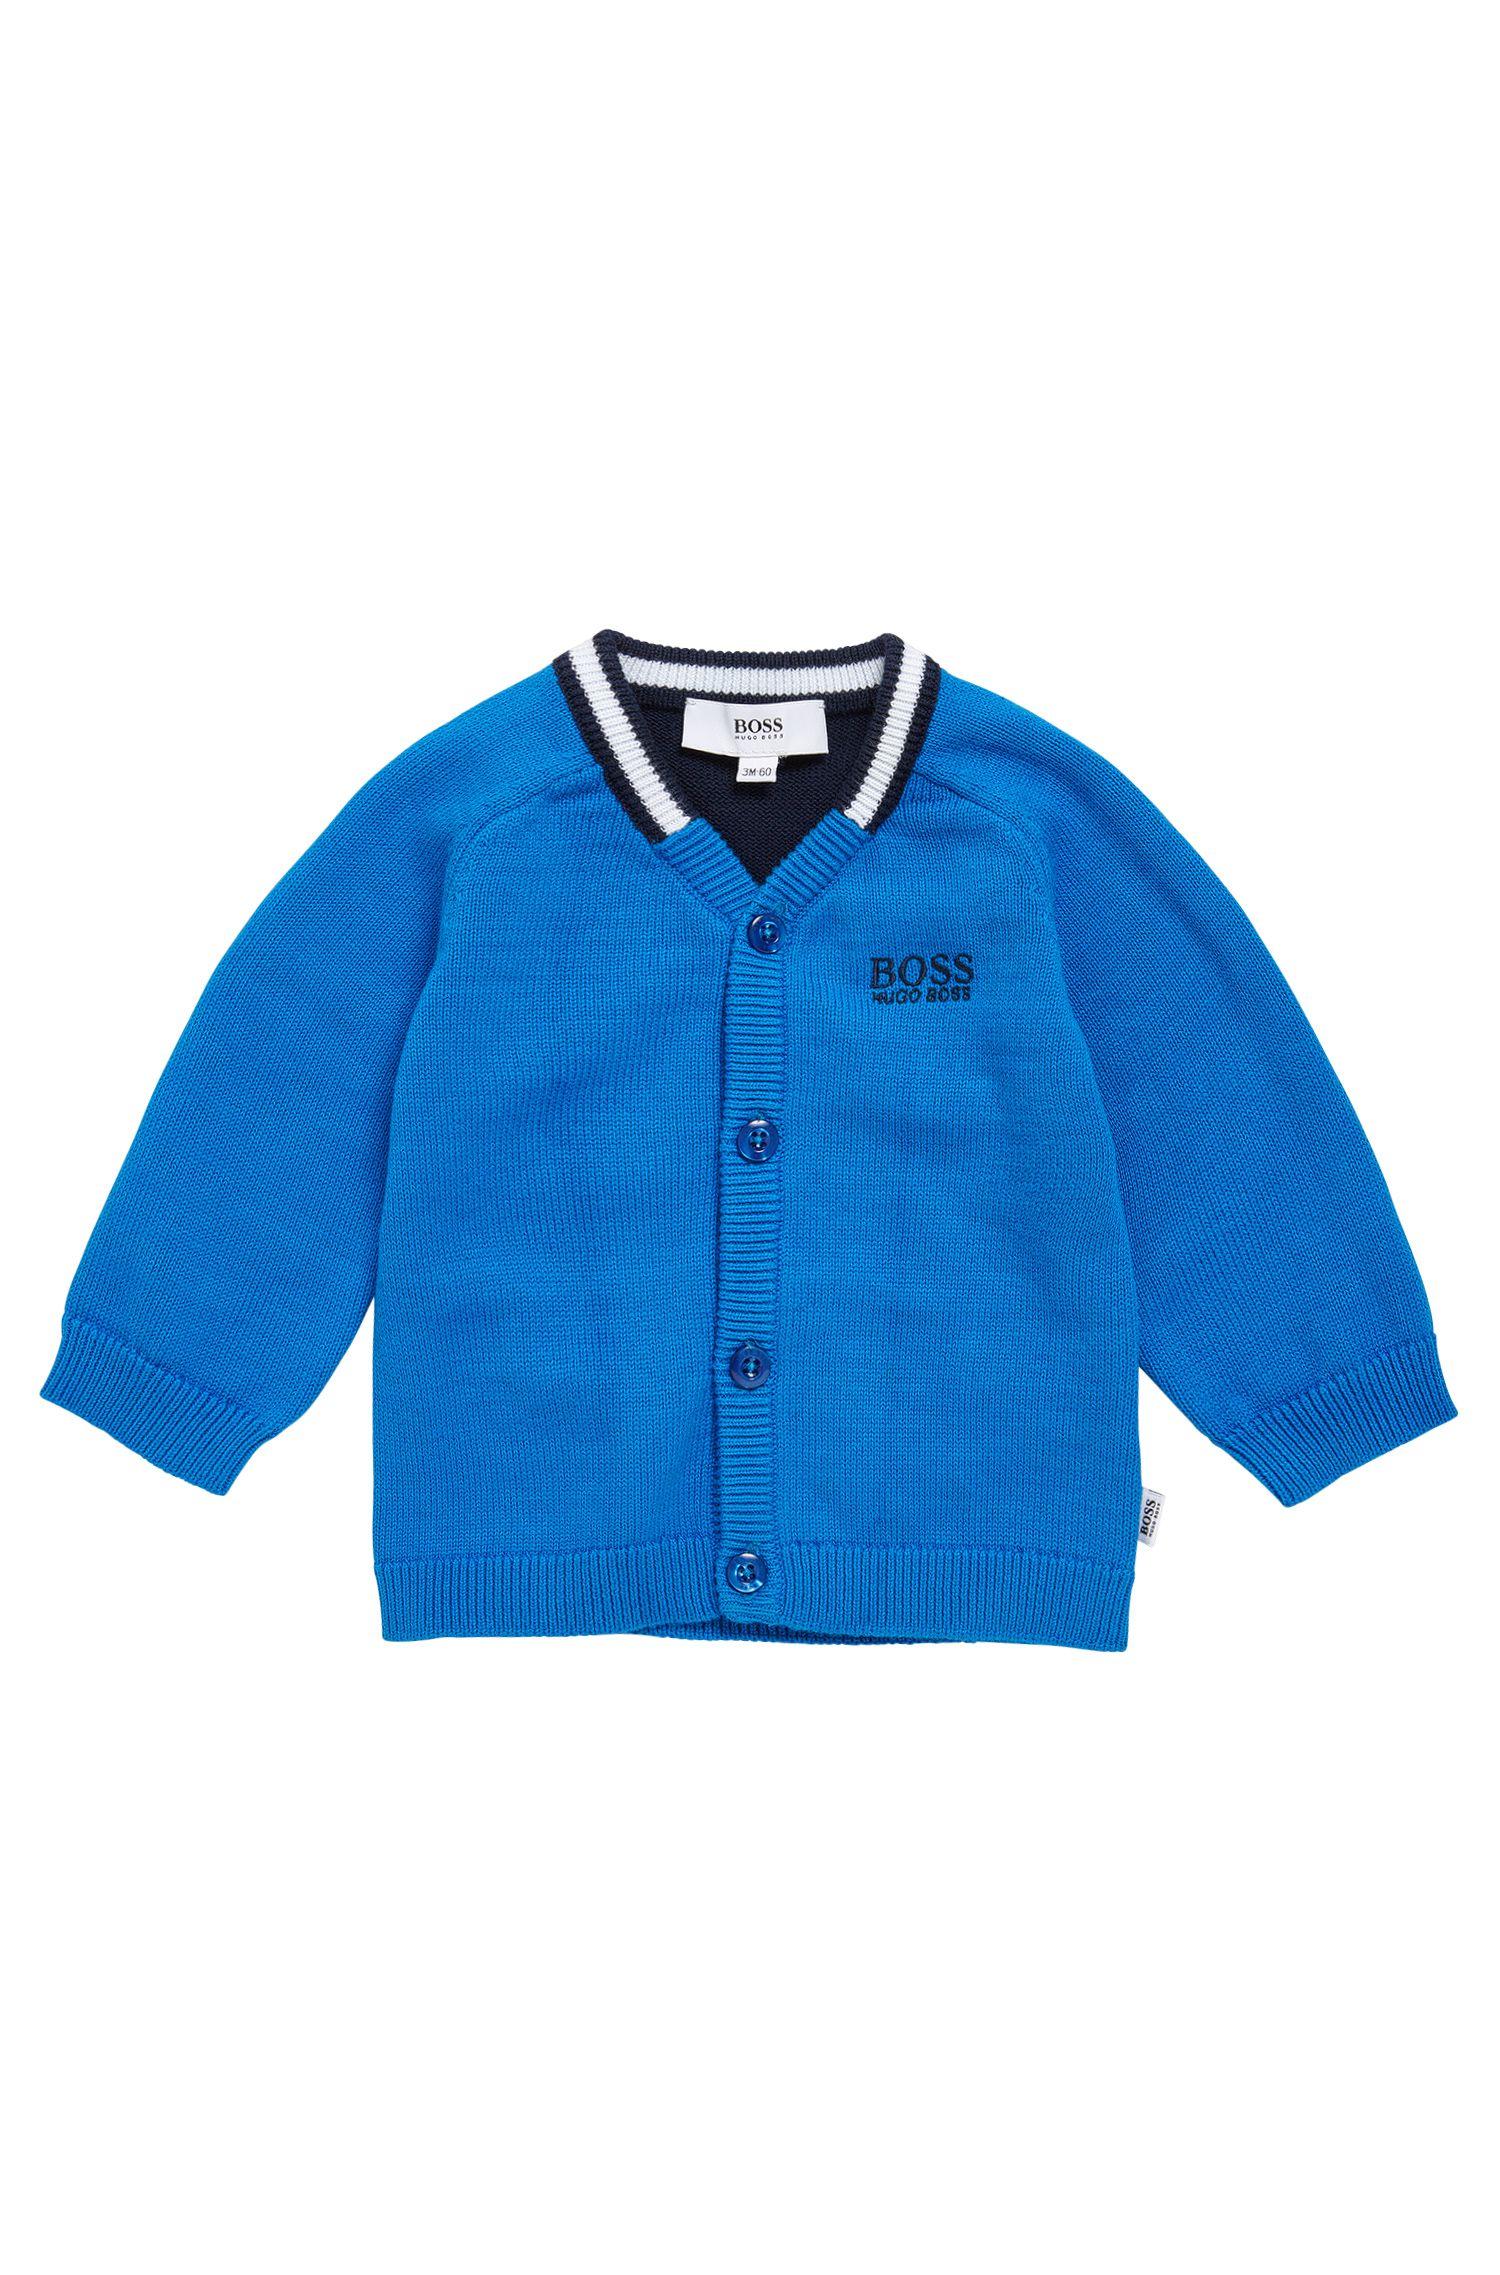 Veste en maille pour enfant en coton, à manches raglan: «J06613»